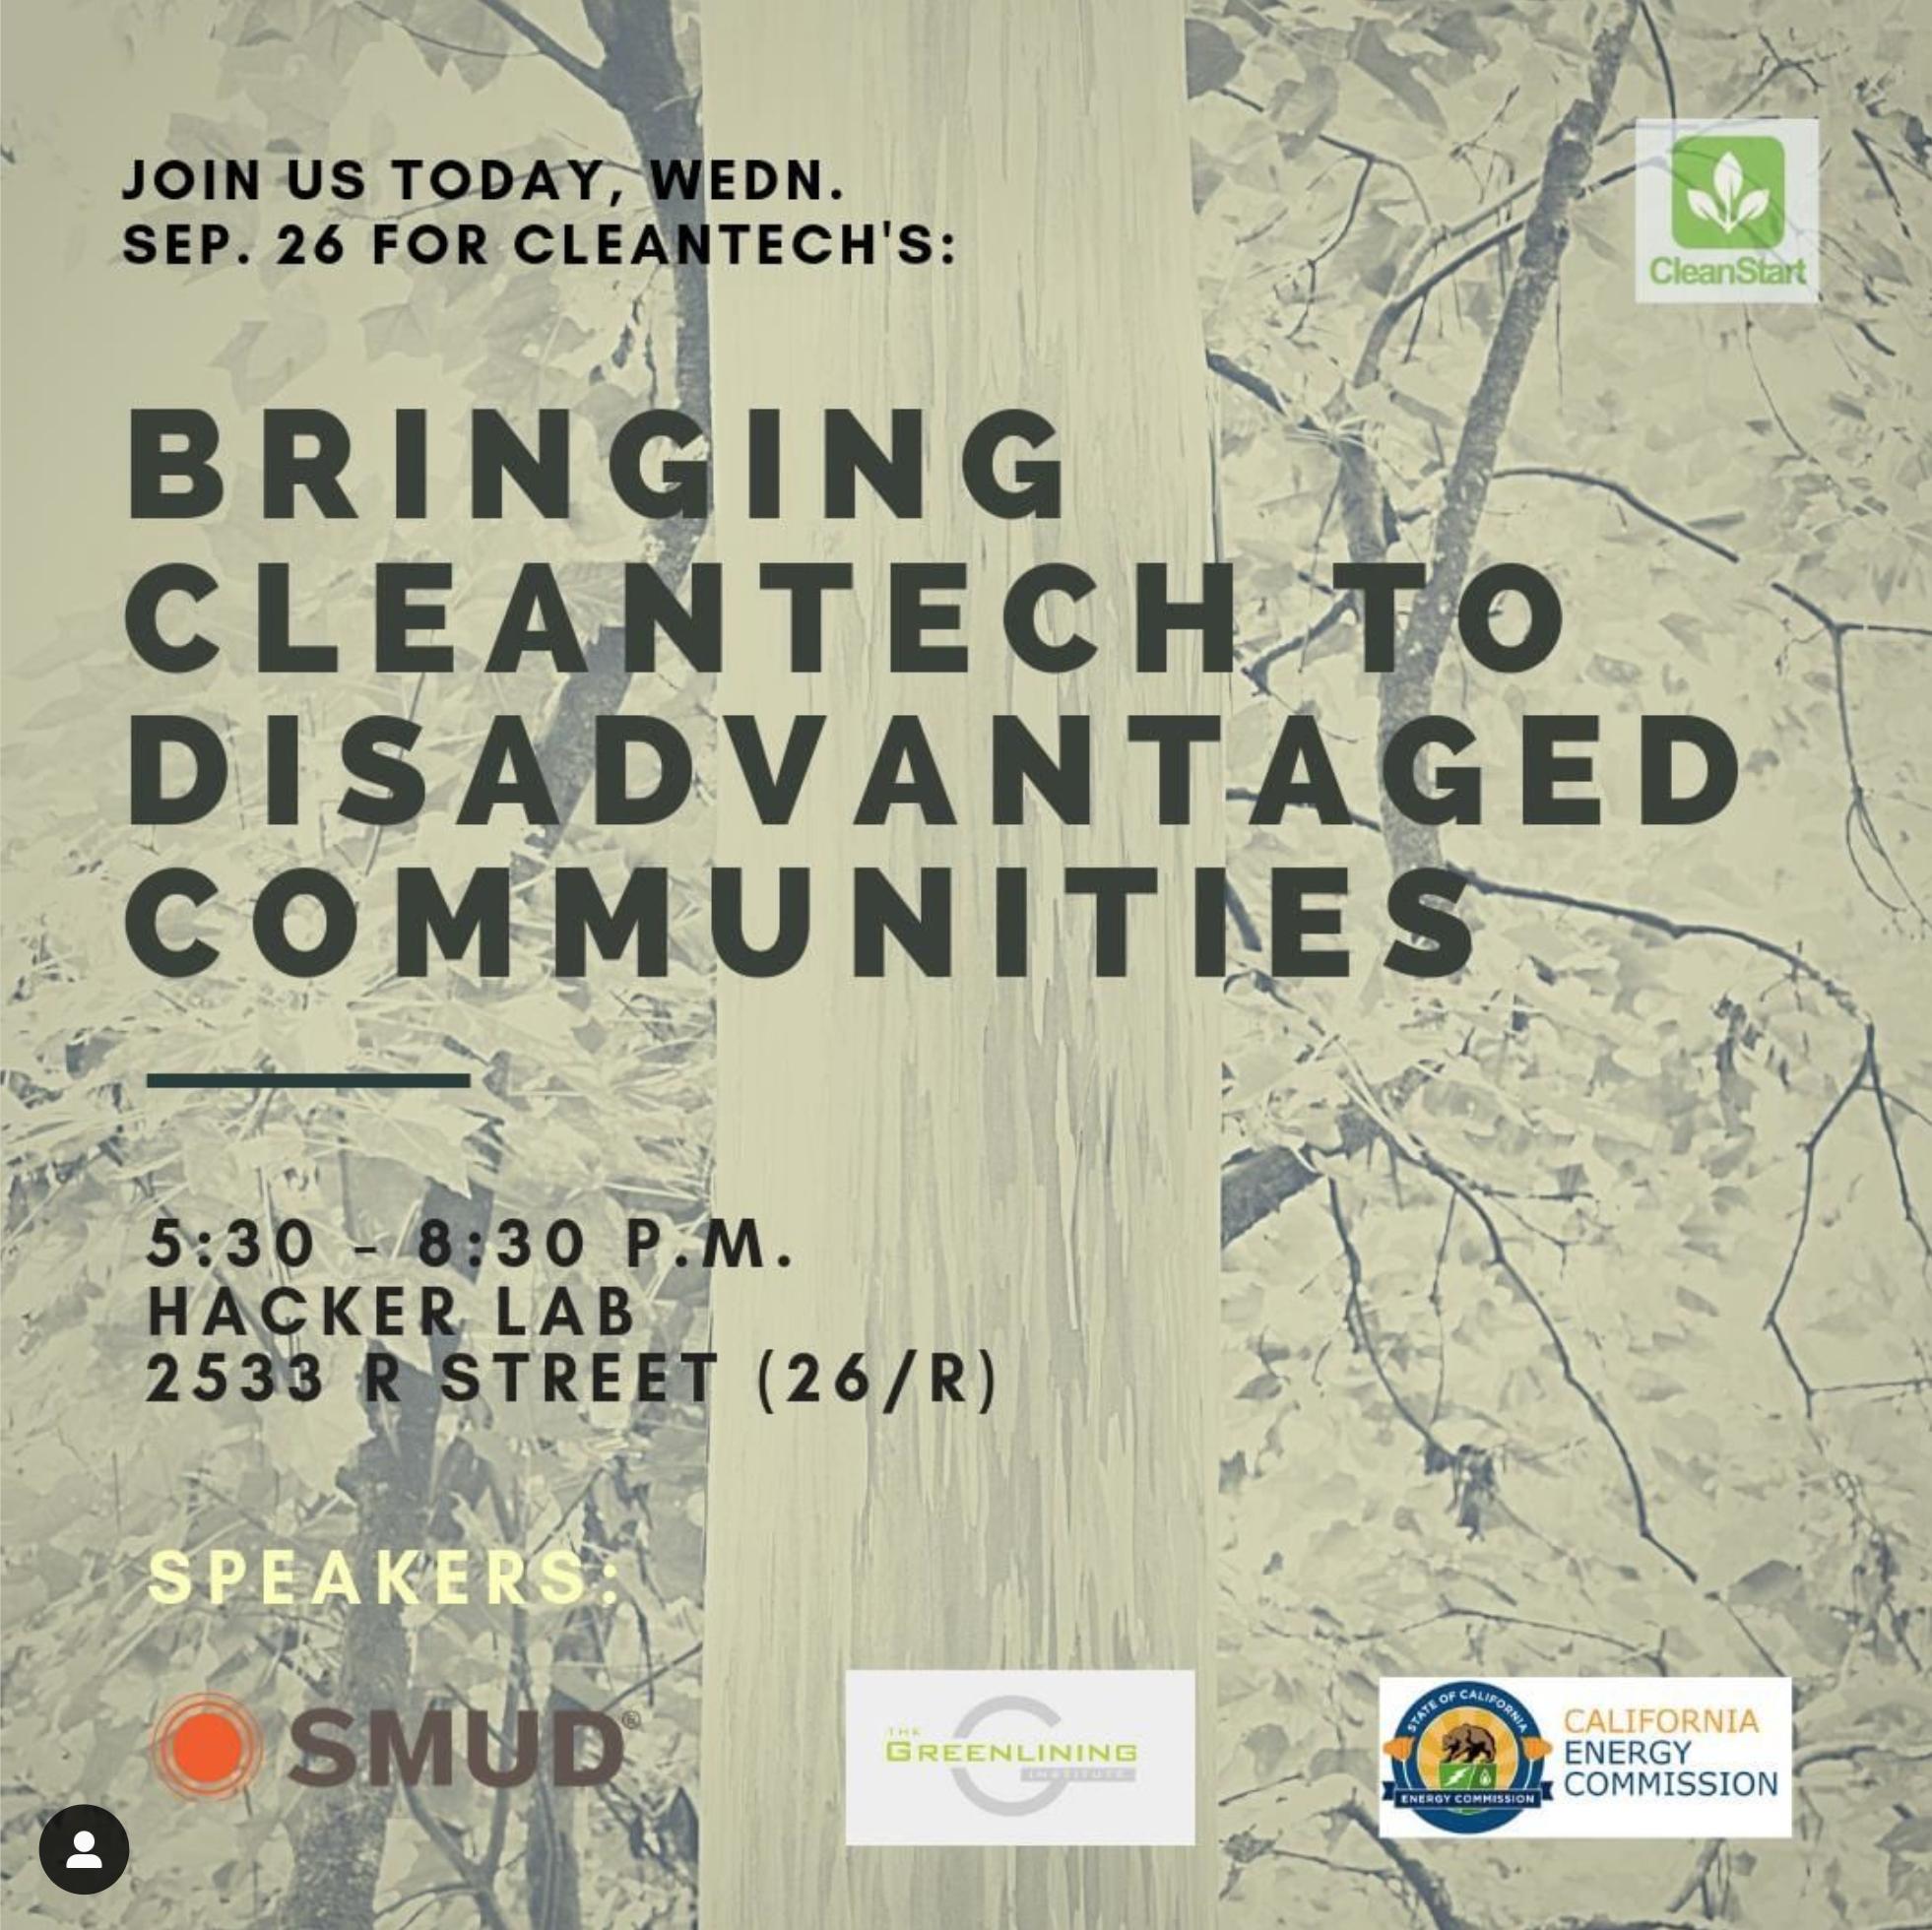 Cleanstart green energy meetup